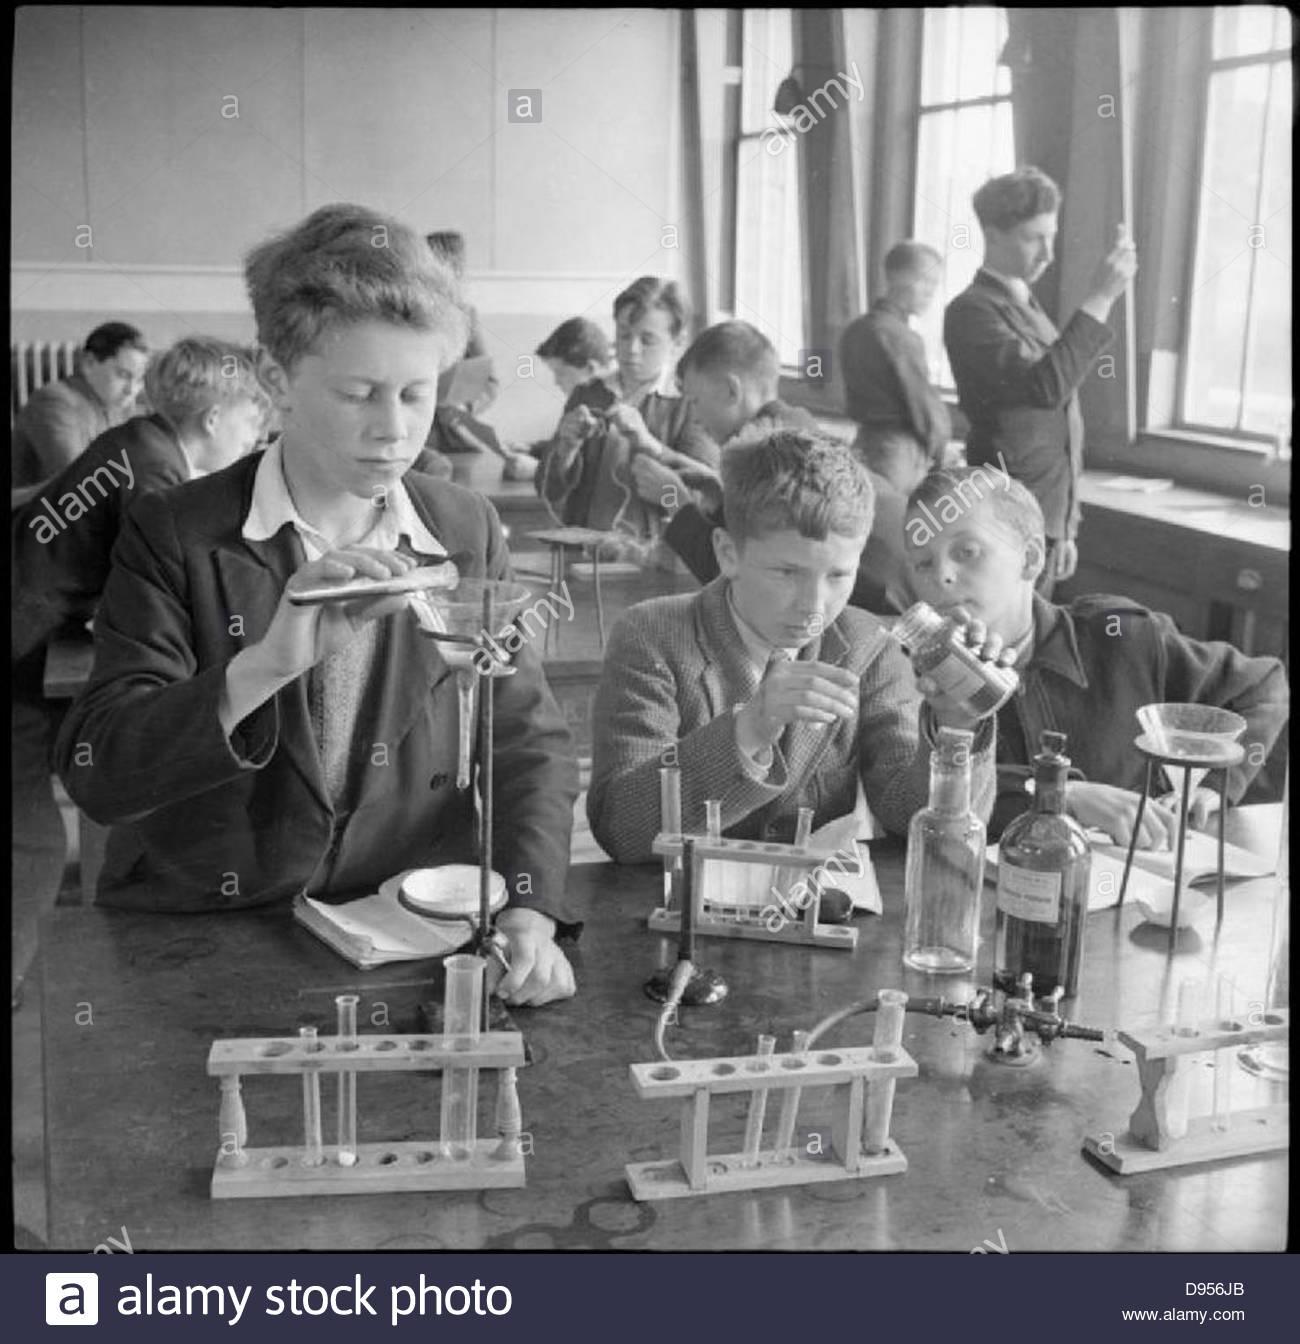 La scuola del paese - La vita quotidiana a Baldock County Council Scuola, Baldock Hertfordshire, Inghilterra UK, Immagini Stock